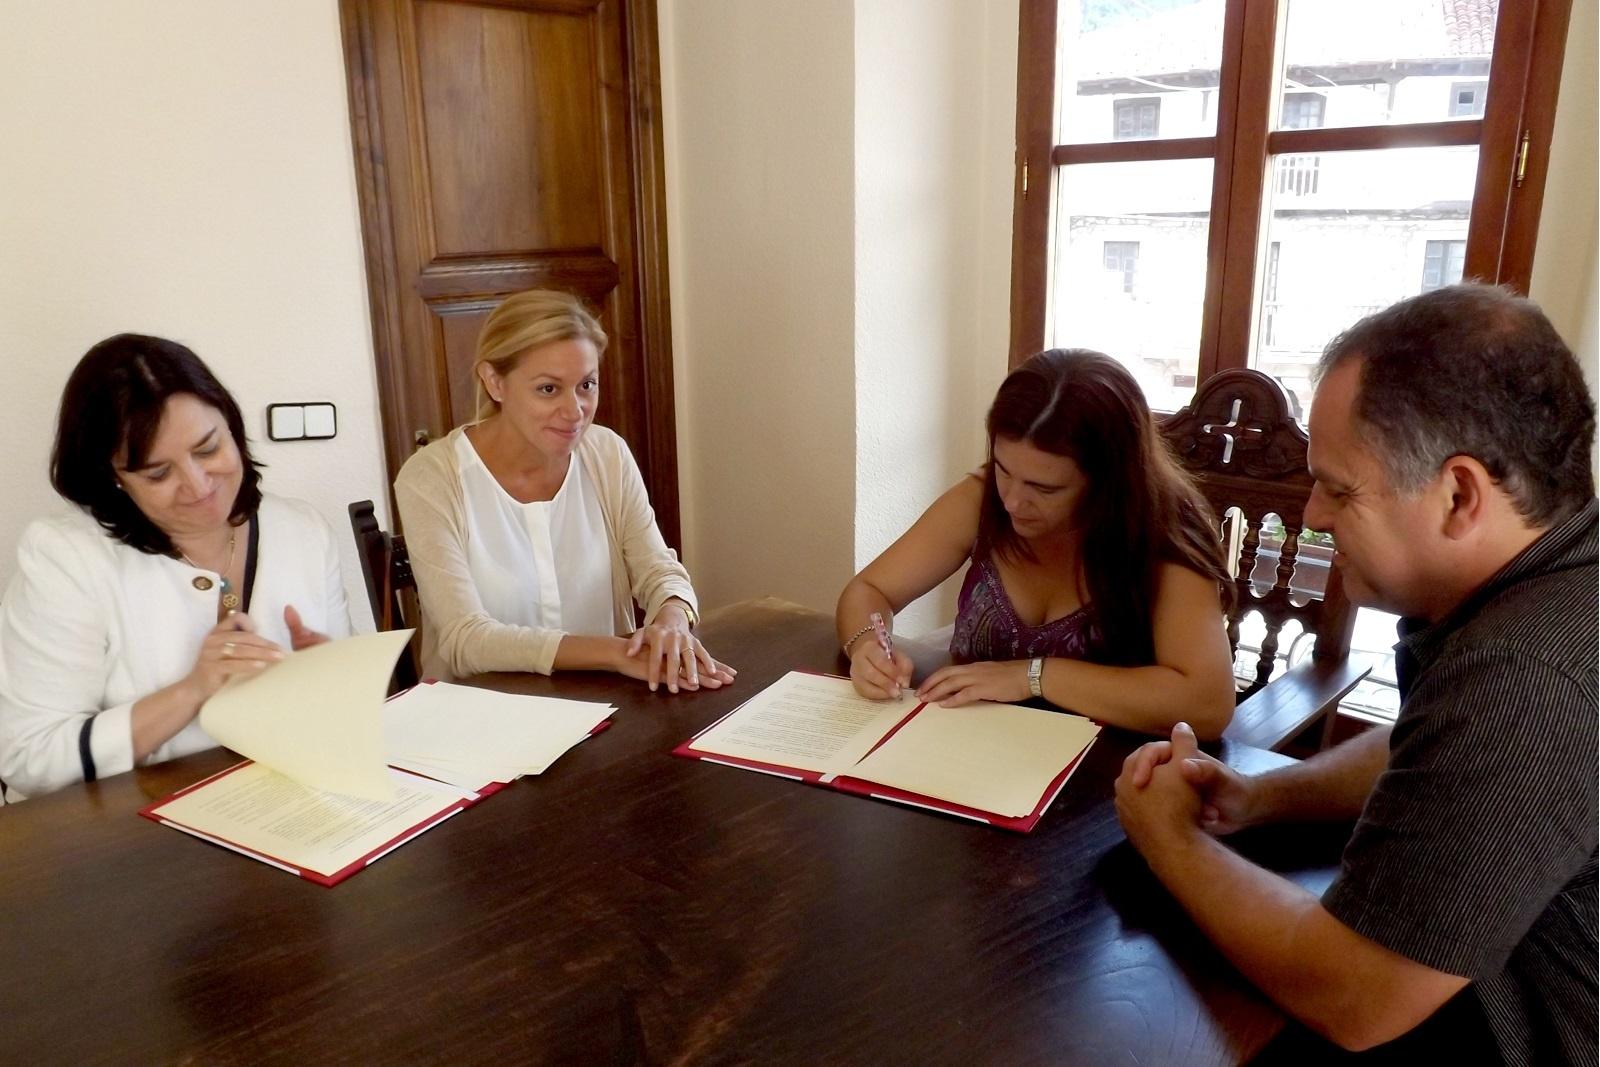 El SCE abrirá en Cabezón una oficina delegada que dará servicio también a Cabuérniga, Los Tojos, Mazcuerras y Ruente